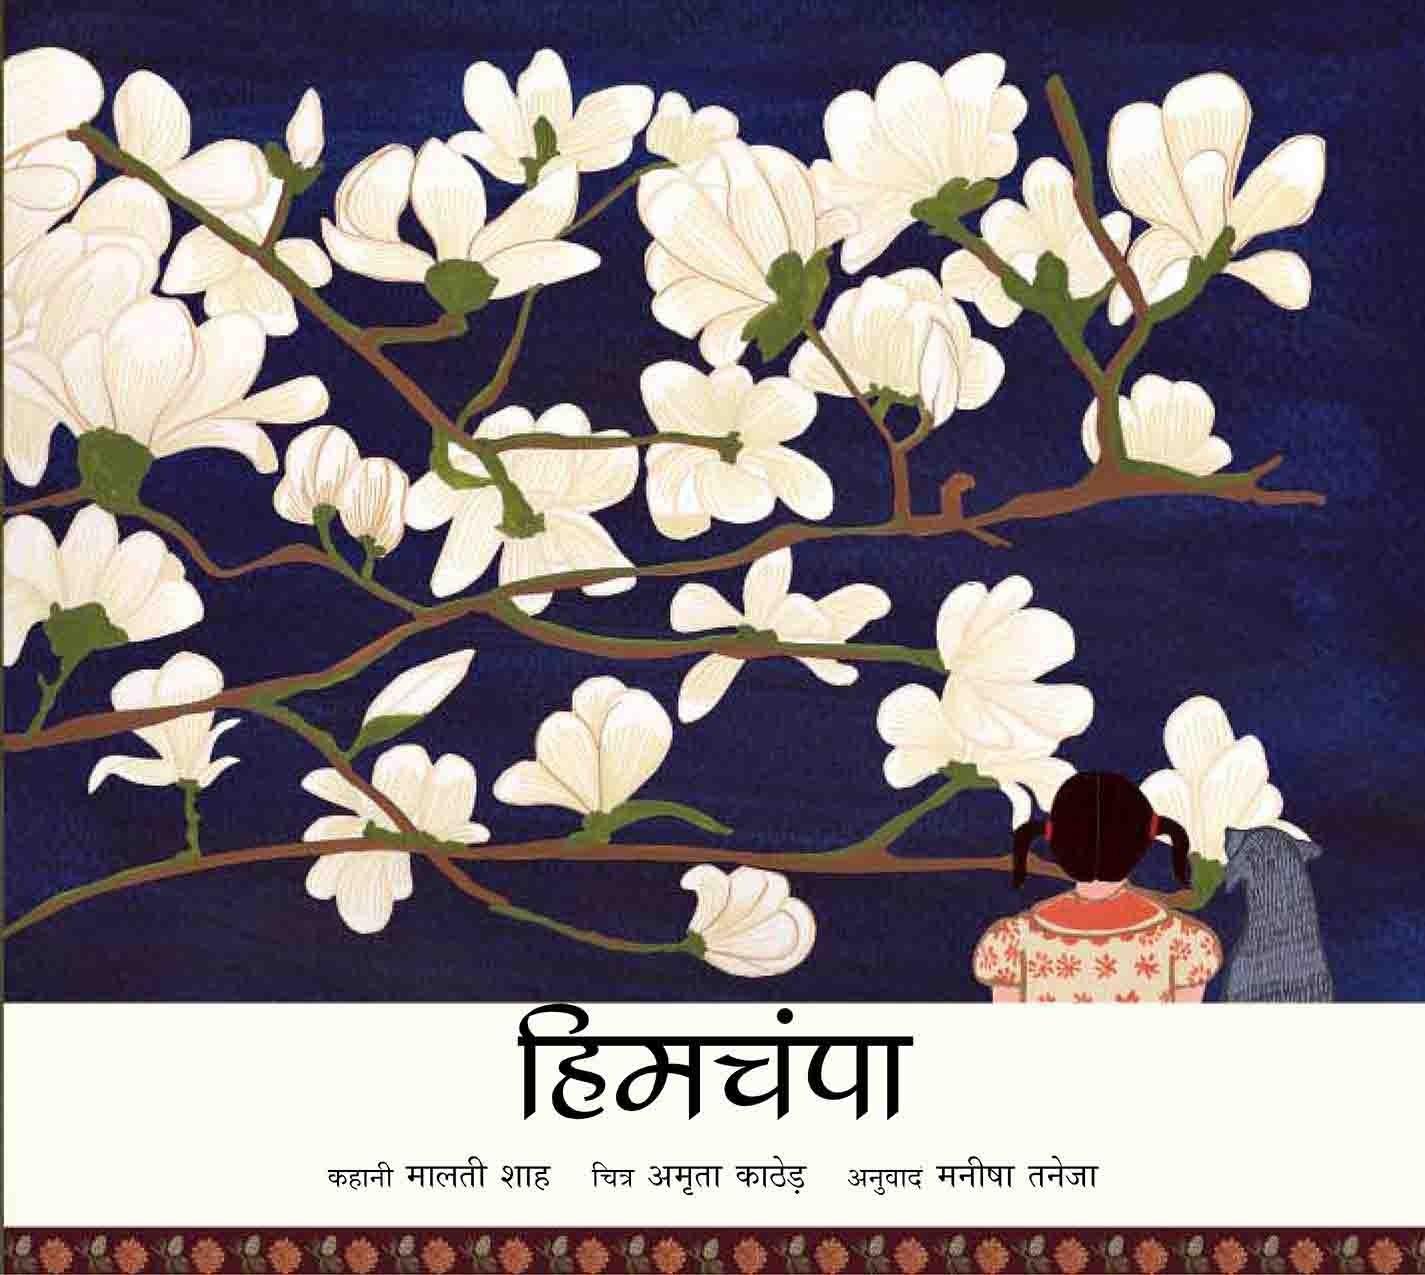 Magnolias/Himchampa (Hindi)